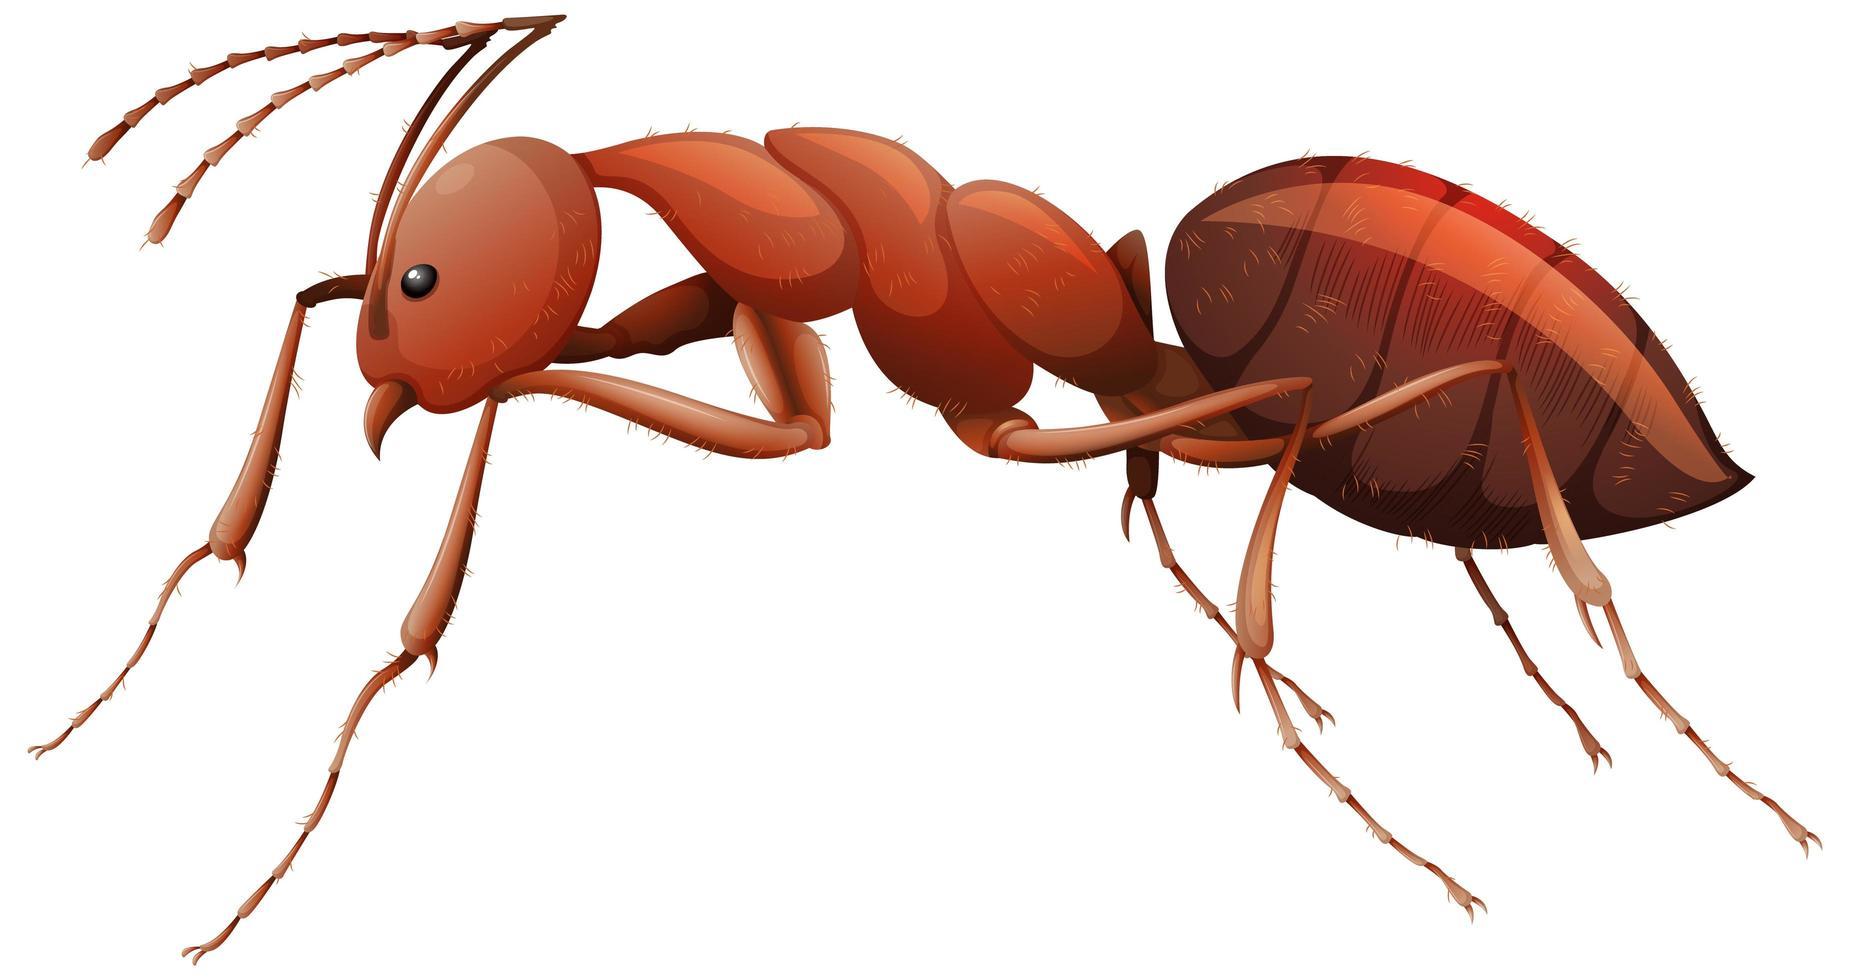 Nahaufnahme der roten Ameise im Karikaturstil auf weißem Hintergrund vektor